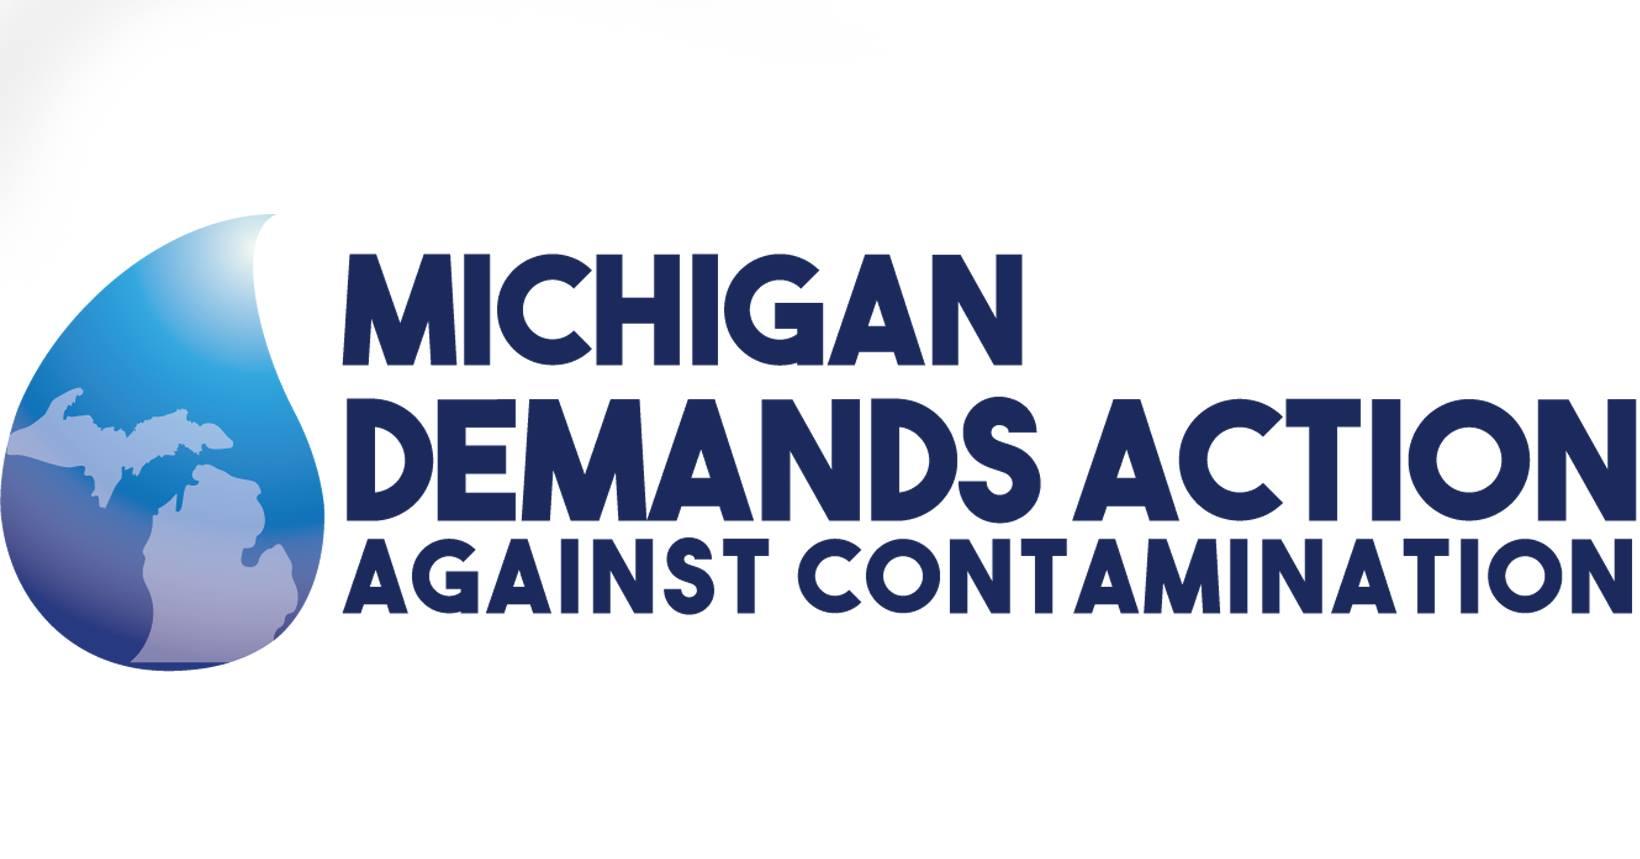 Michigan Demands Aciton Against Contamination Logo